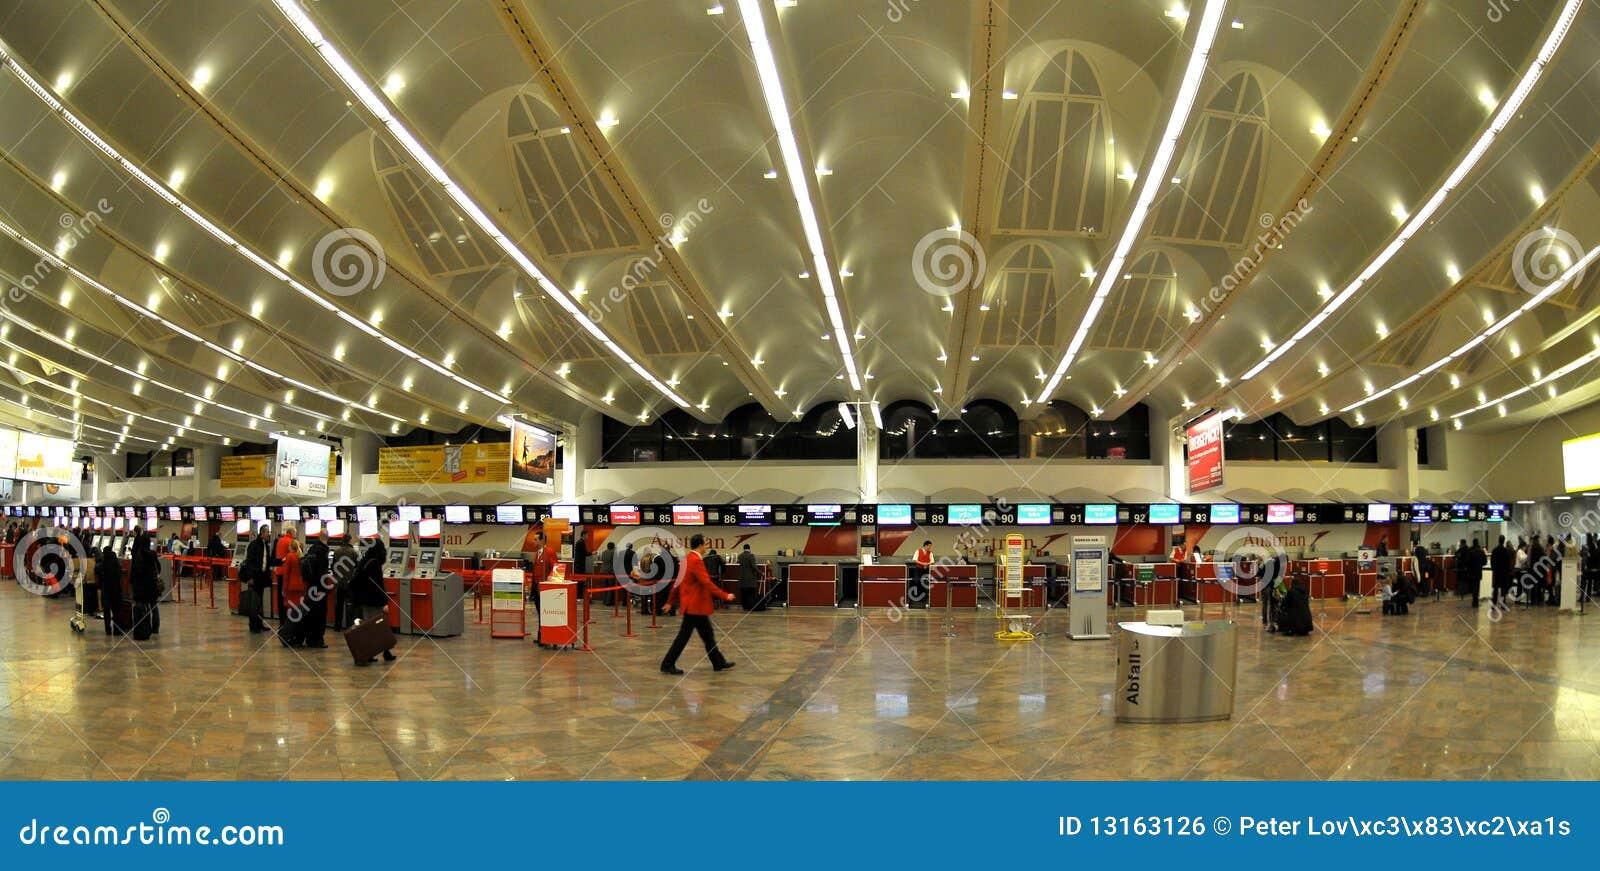 Aeroporto Vienna : Enregistrement dans l aéroport de vienne photo éditorial